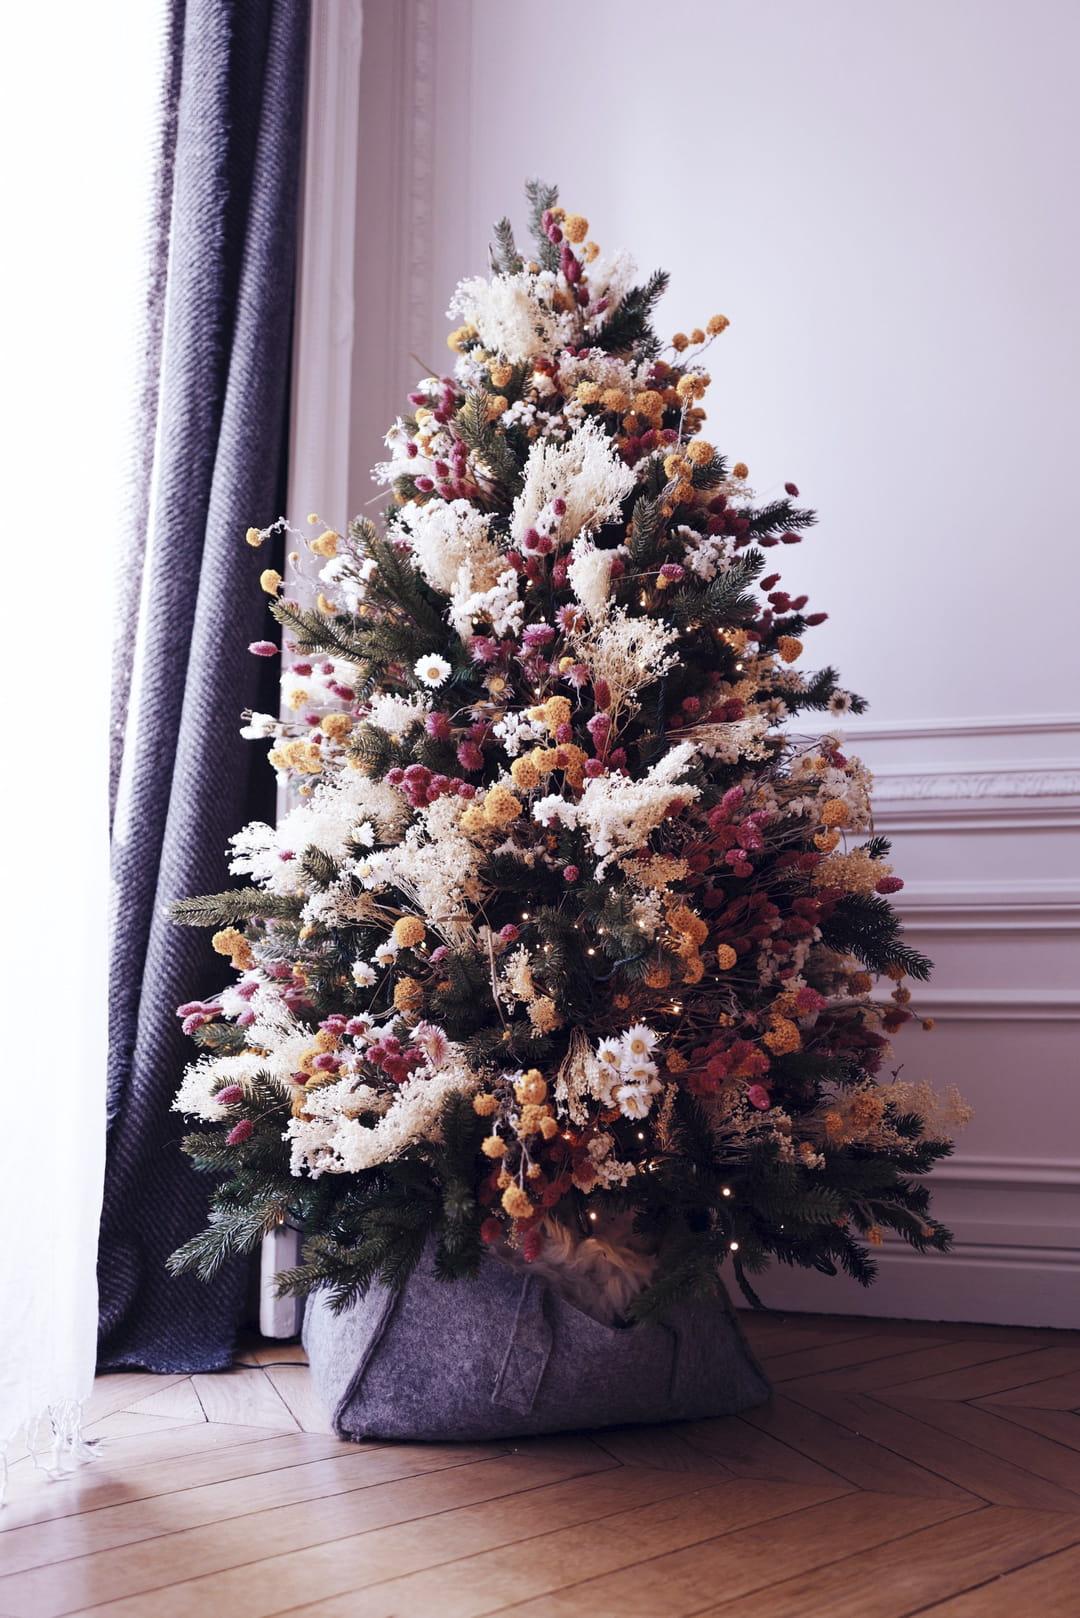 sapin-de-noel-decore-avec-des-fleurs-sechees